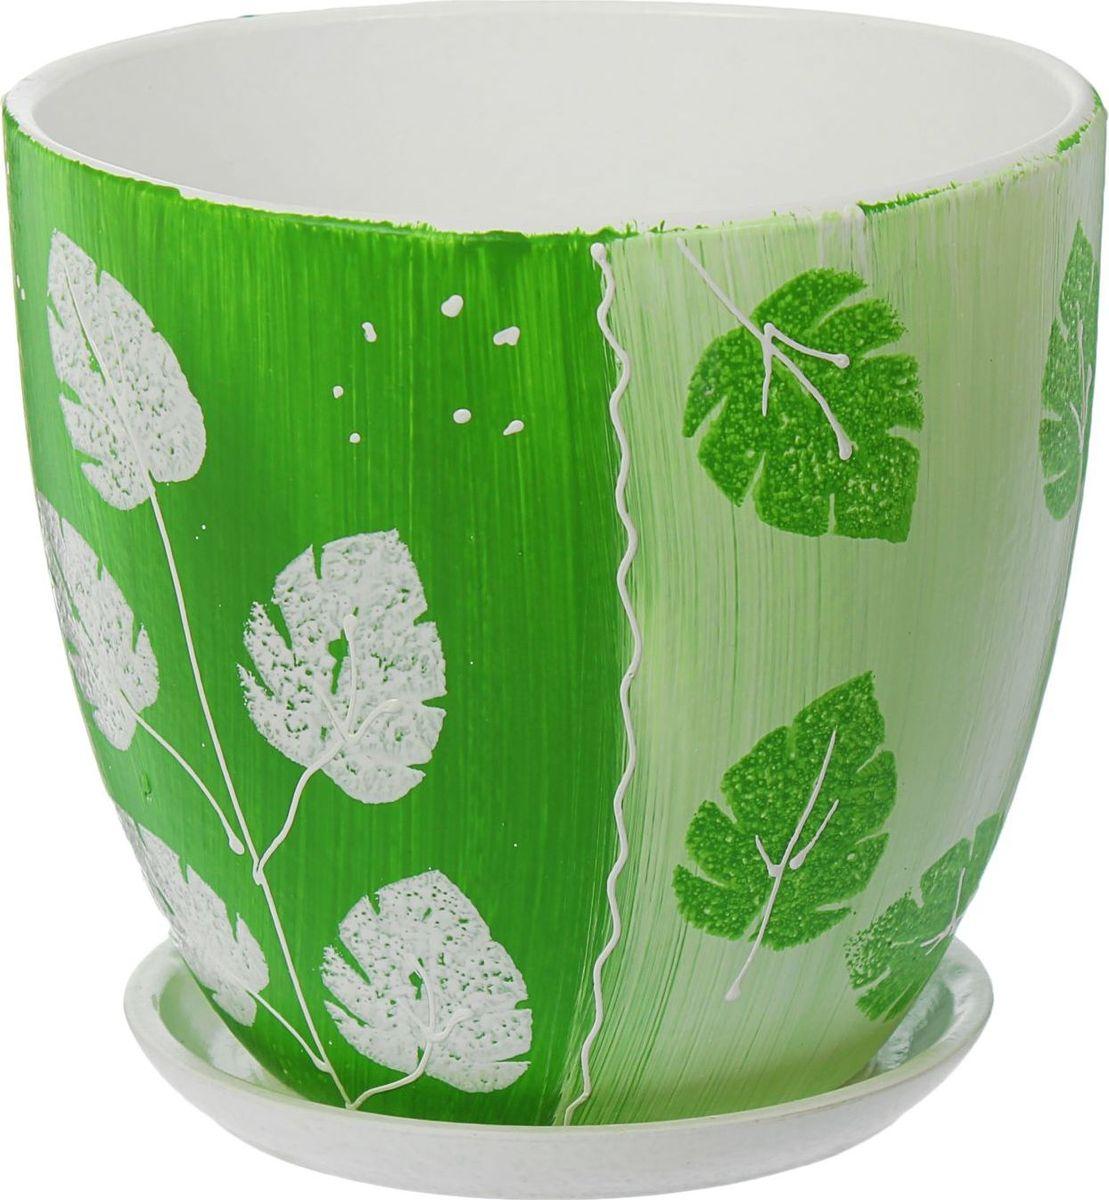 Кашпо Акварель, цвет: зеленый, 4,8 л1437933Комнатные растения — всеобщие любимцы. Они радуют глаз, насыщают помещение кислородом и украшают пространство. Каждому из них необходим свой удобный и красивый дом. Кашпо из керамики прекрасно подходят для высадки растений: за счёт пластичности глины и разных способов обработки существует великое множество форм и дизайновпористый материал позволяет испаряться лишней влагевоздух, необходимый для дыхания корней, проникает сквозь керамические стенки! #name# позаботится о зелёном питомце, освежит интерьер и подчеркнёт его стиль.